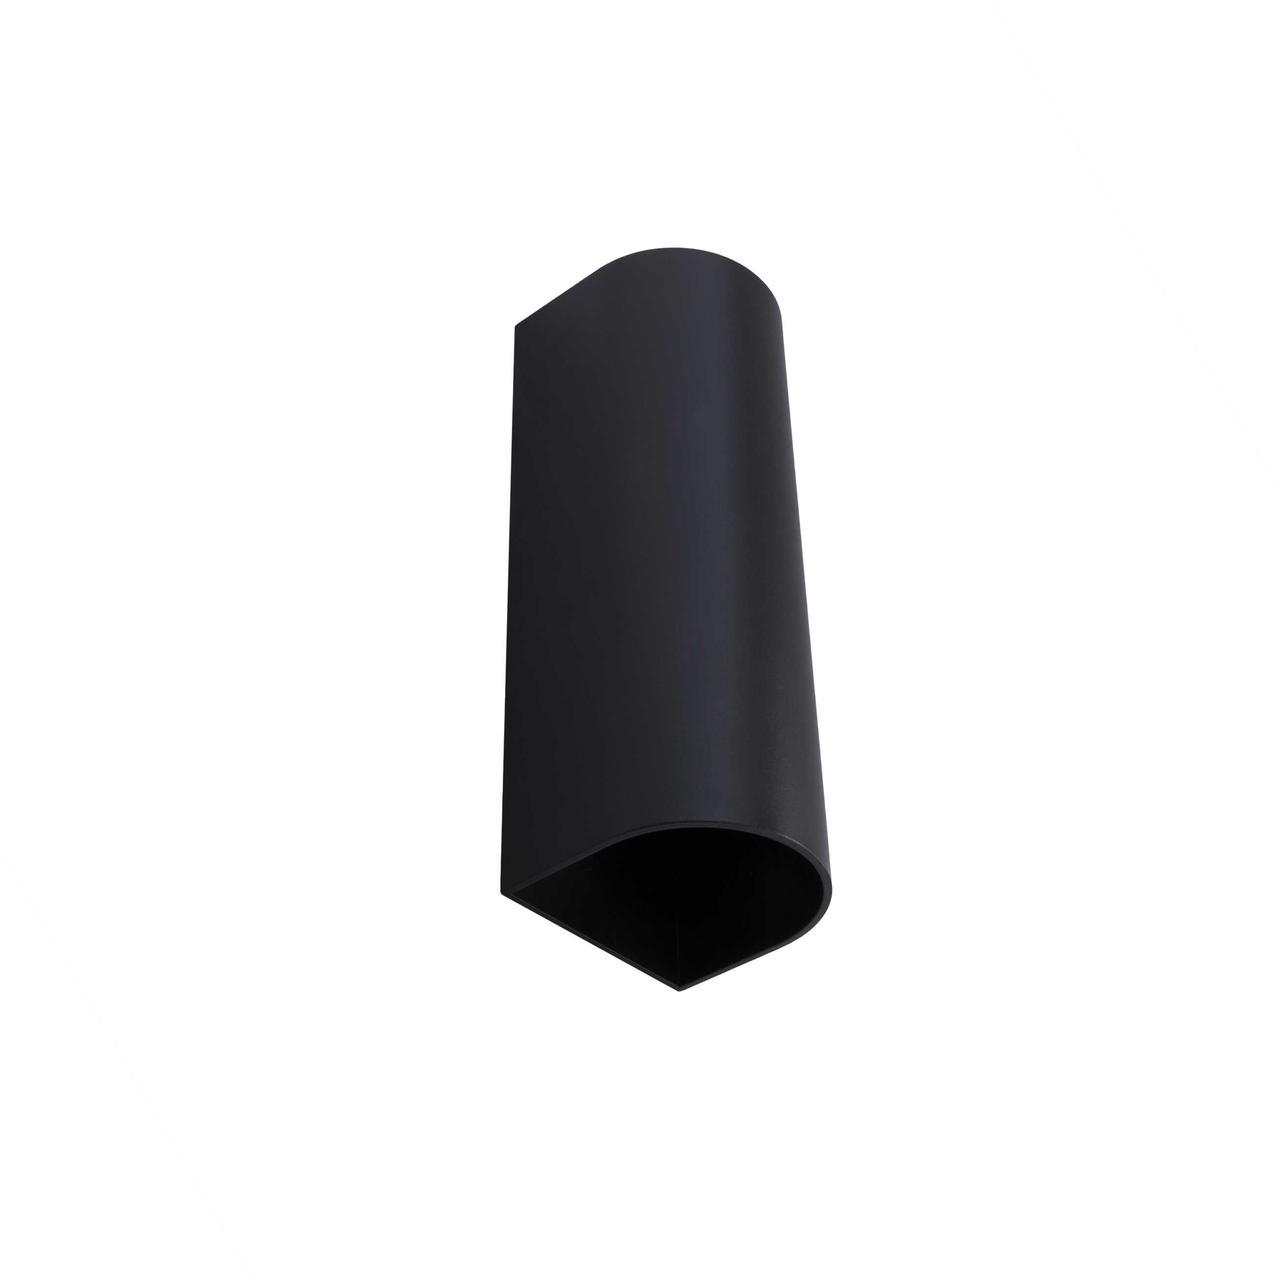 Бра Хай-Тек черное WL1608 BK